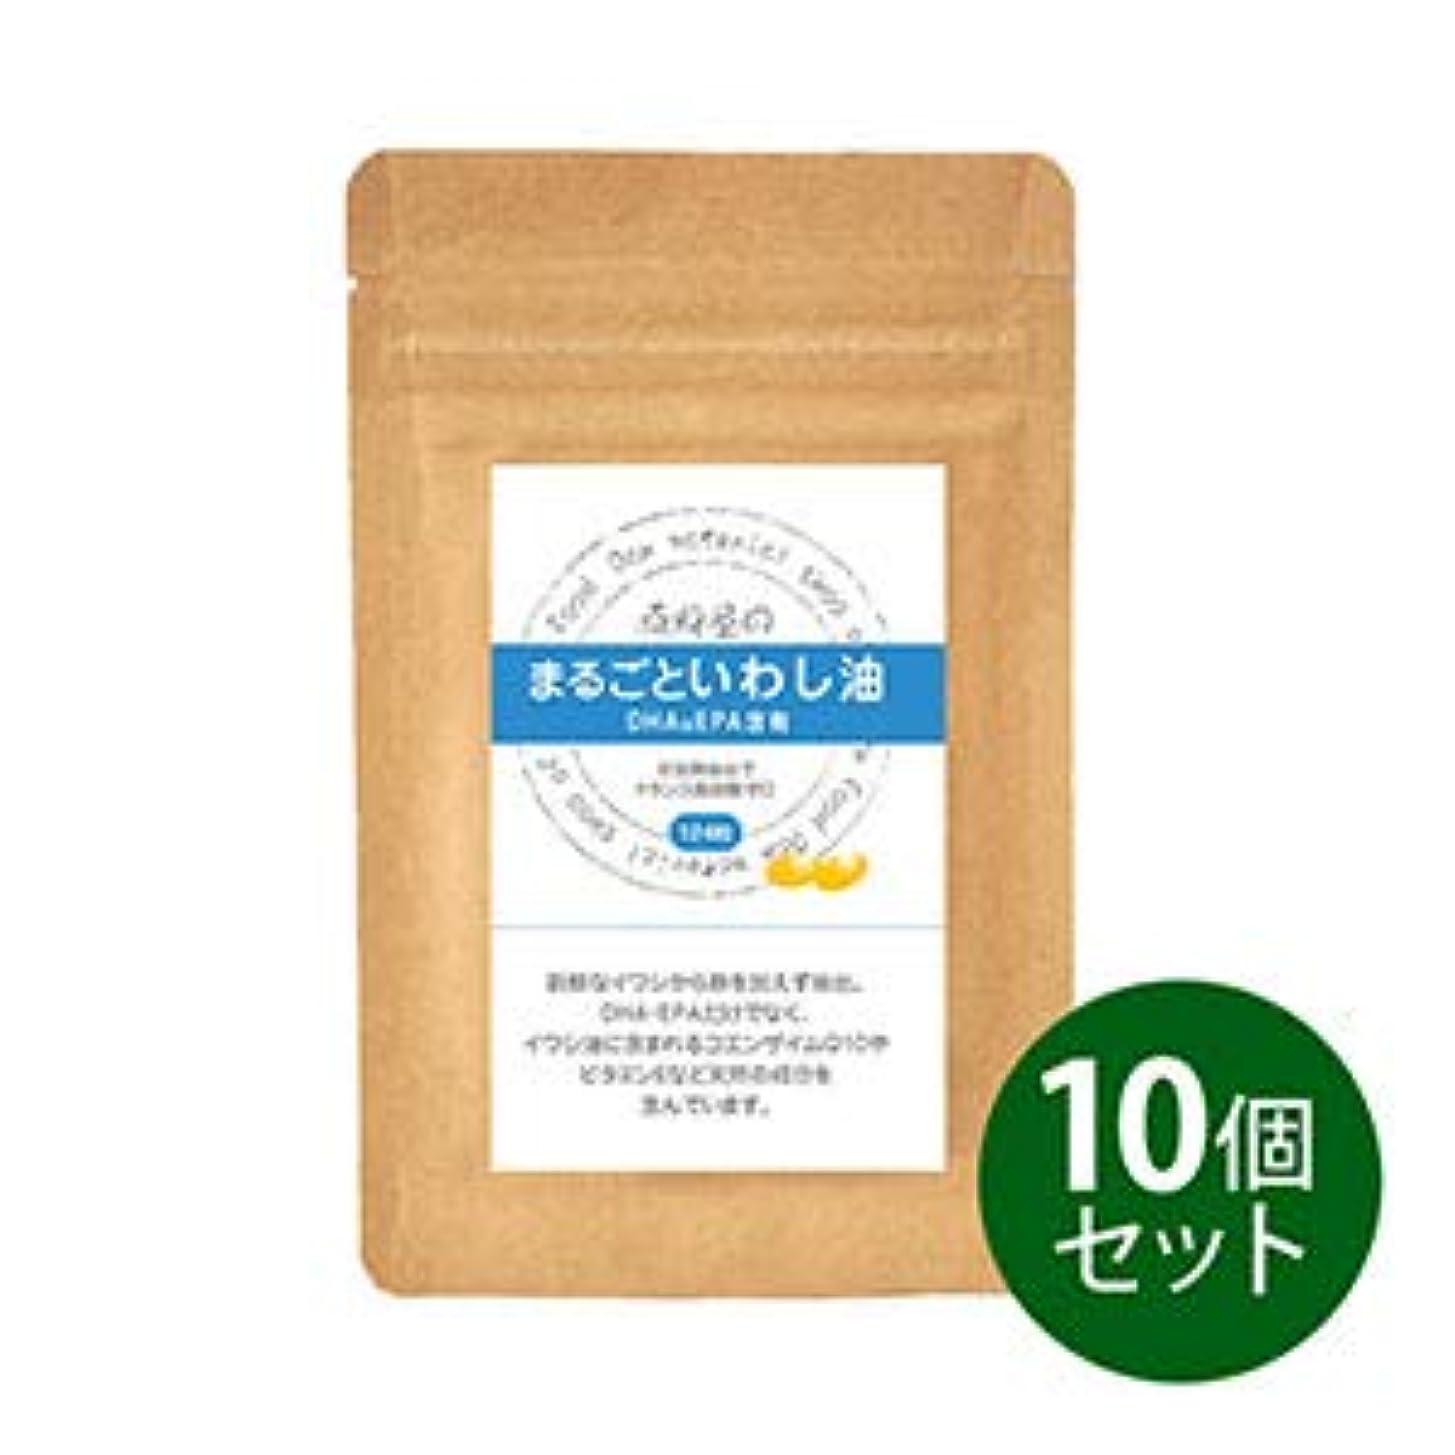 ウェイター銅欲望原料屋の【まとめ買い】まるごといわし油124粒×10個セット